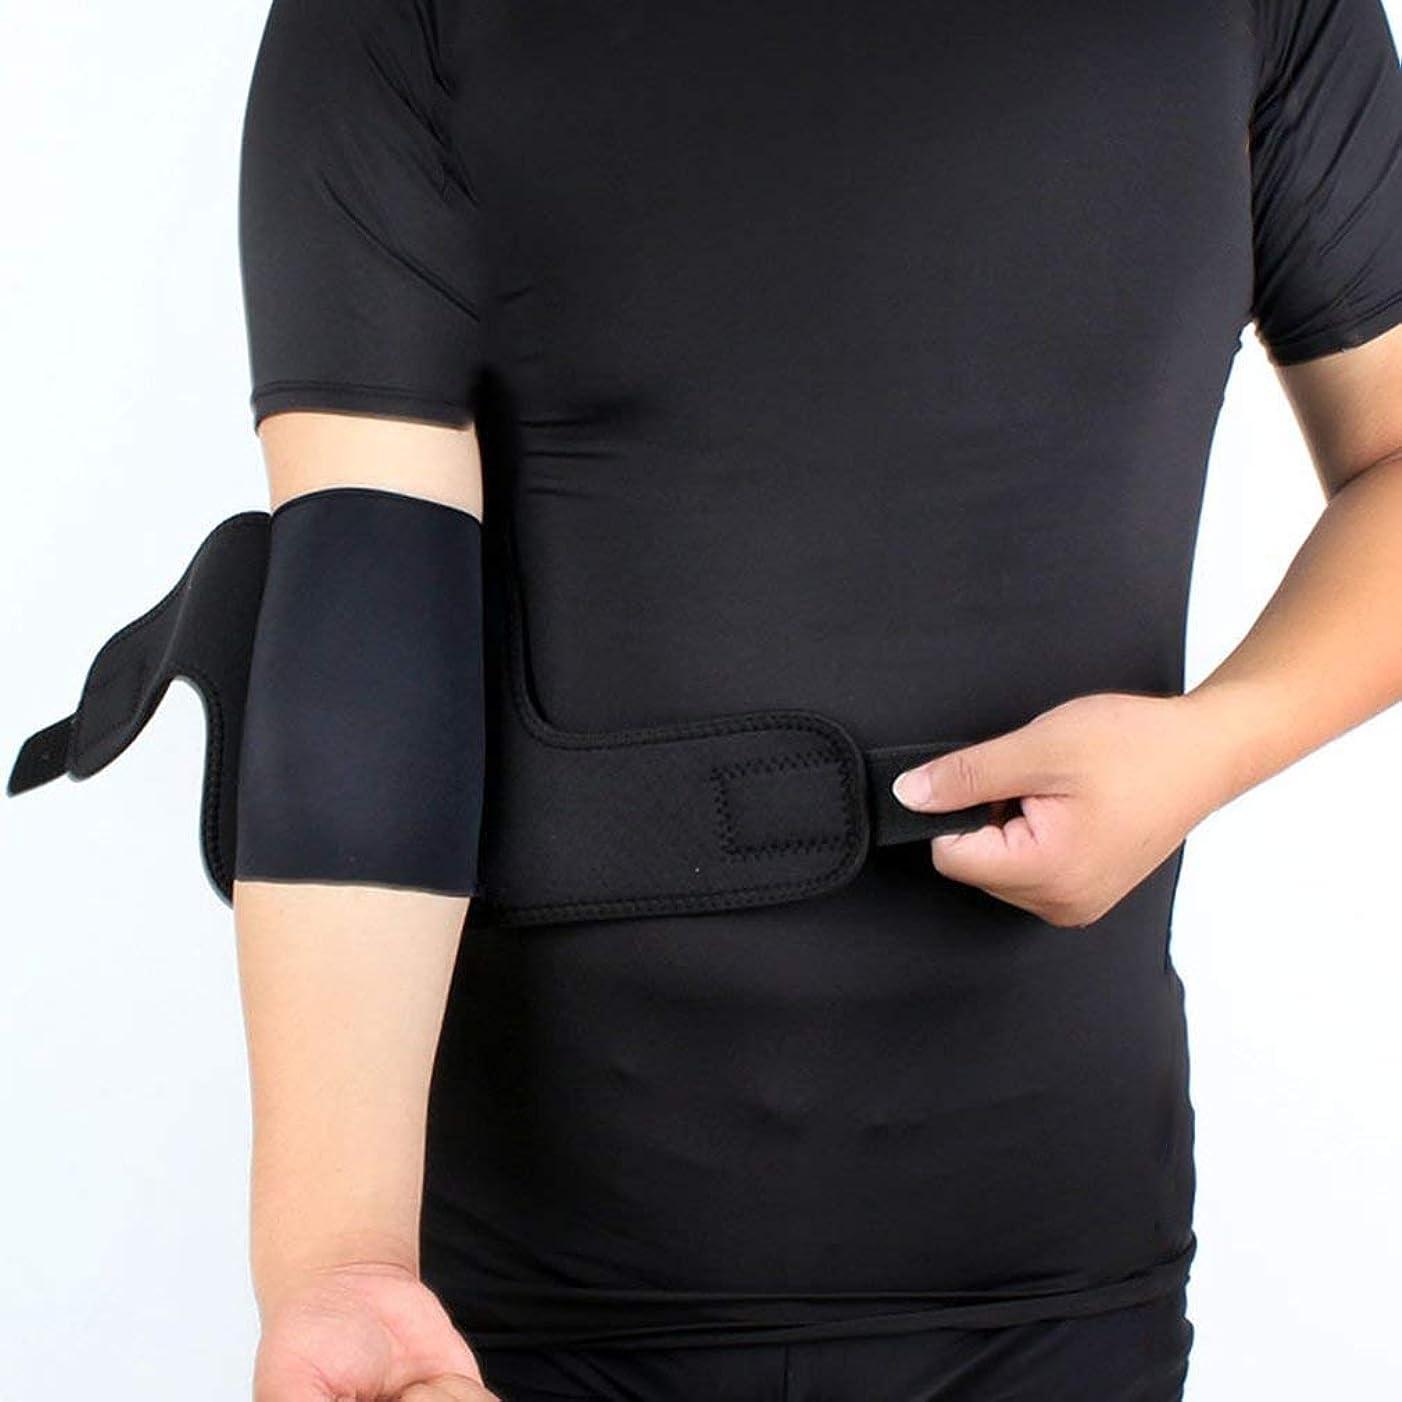 エンジニアリングスキャンシャッタースポーツ肘プロテクターバスケットボールアームガード通気性保護肘パッド-innovationo